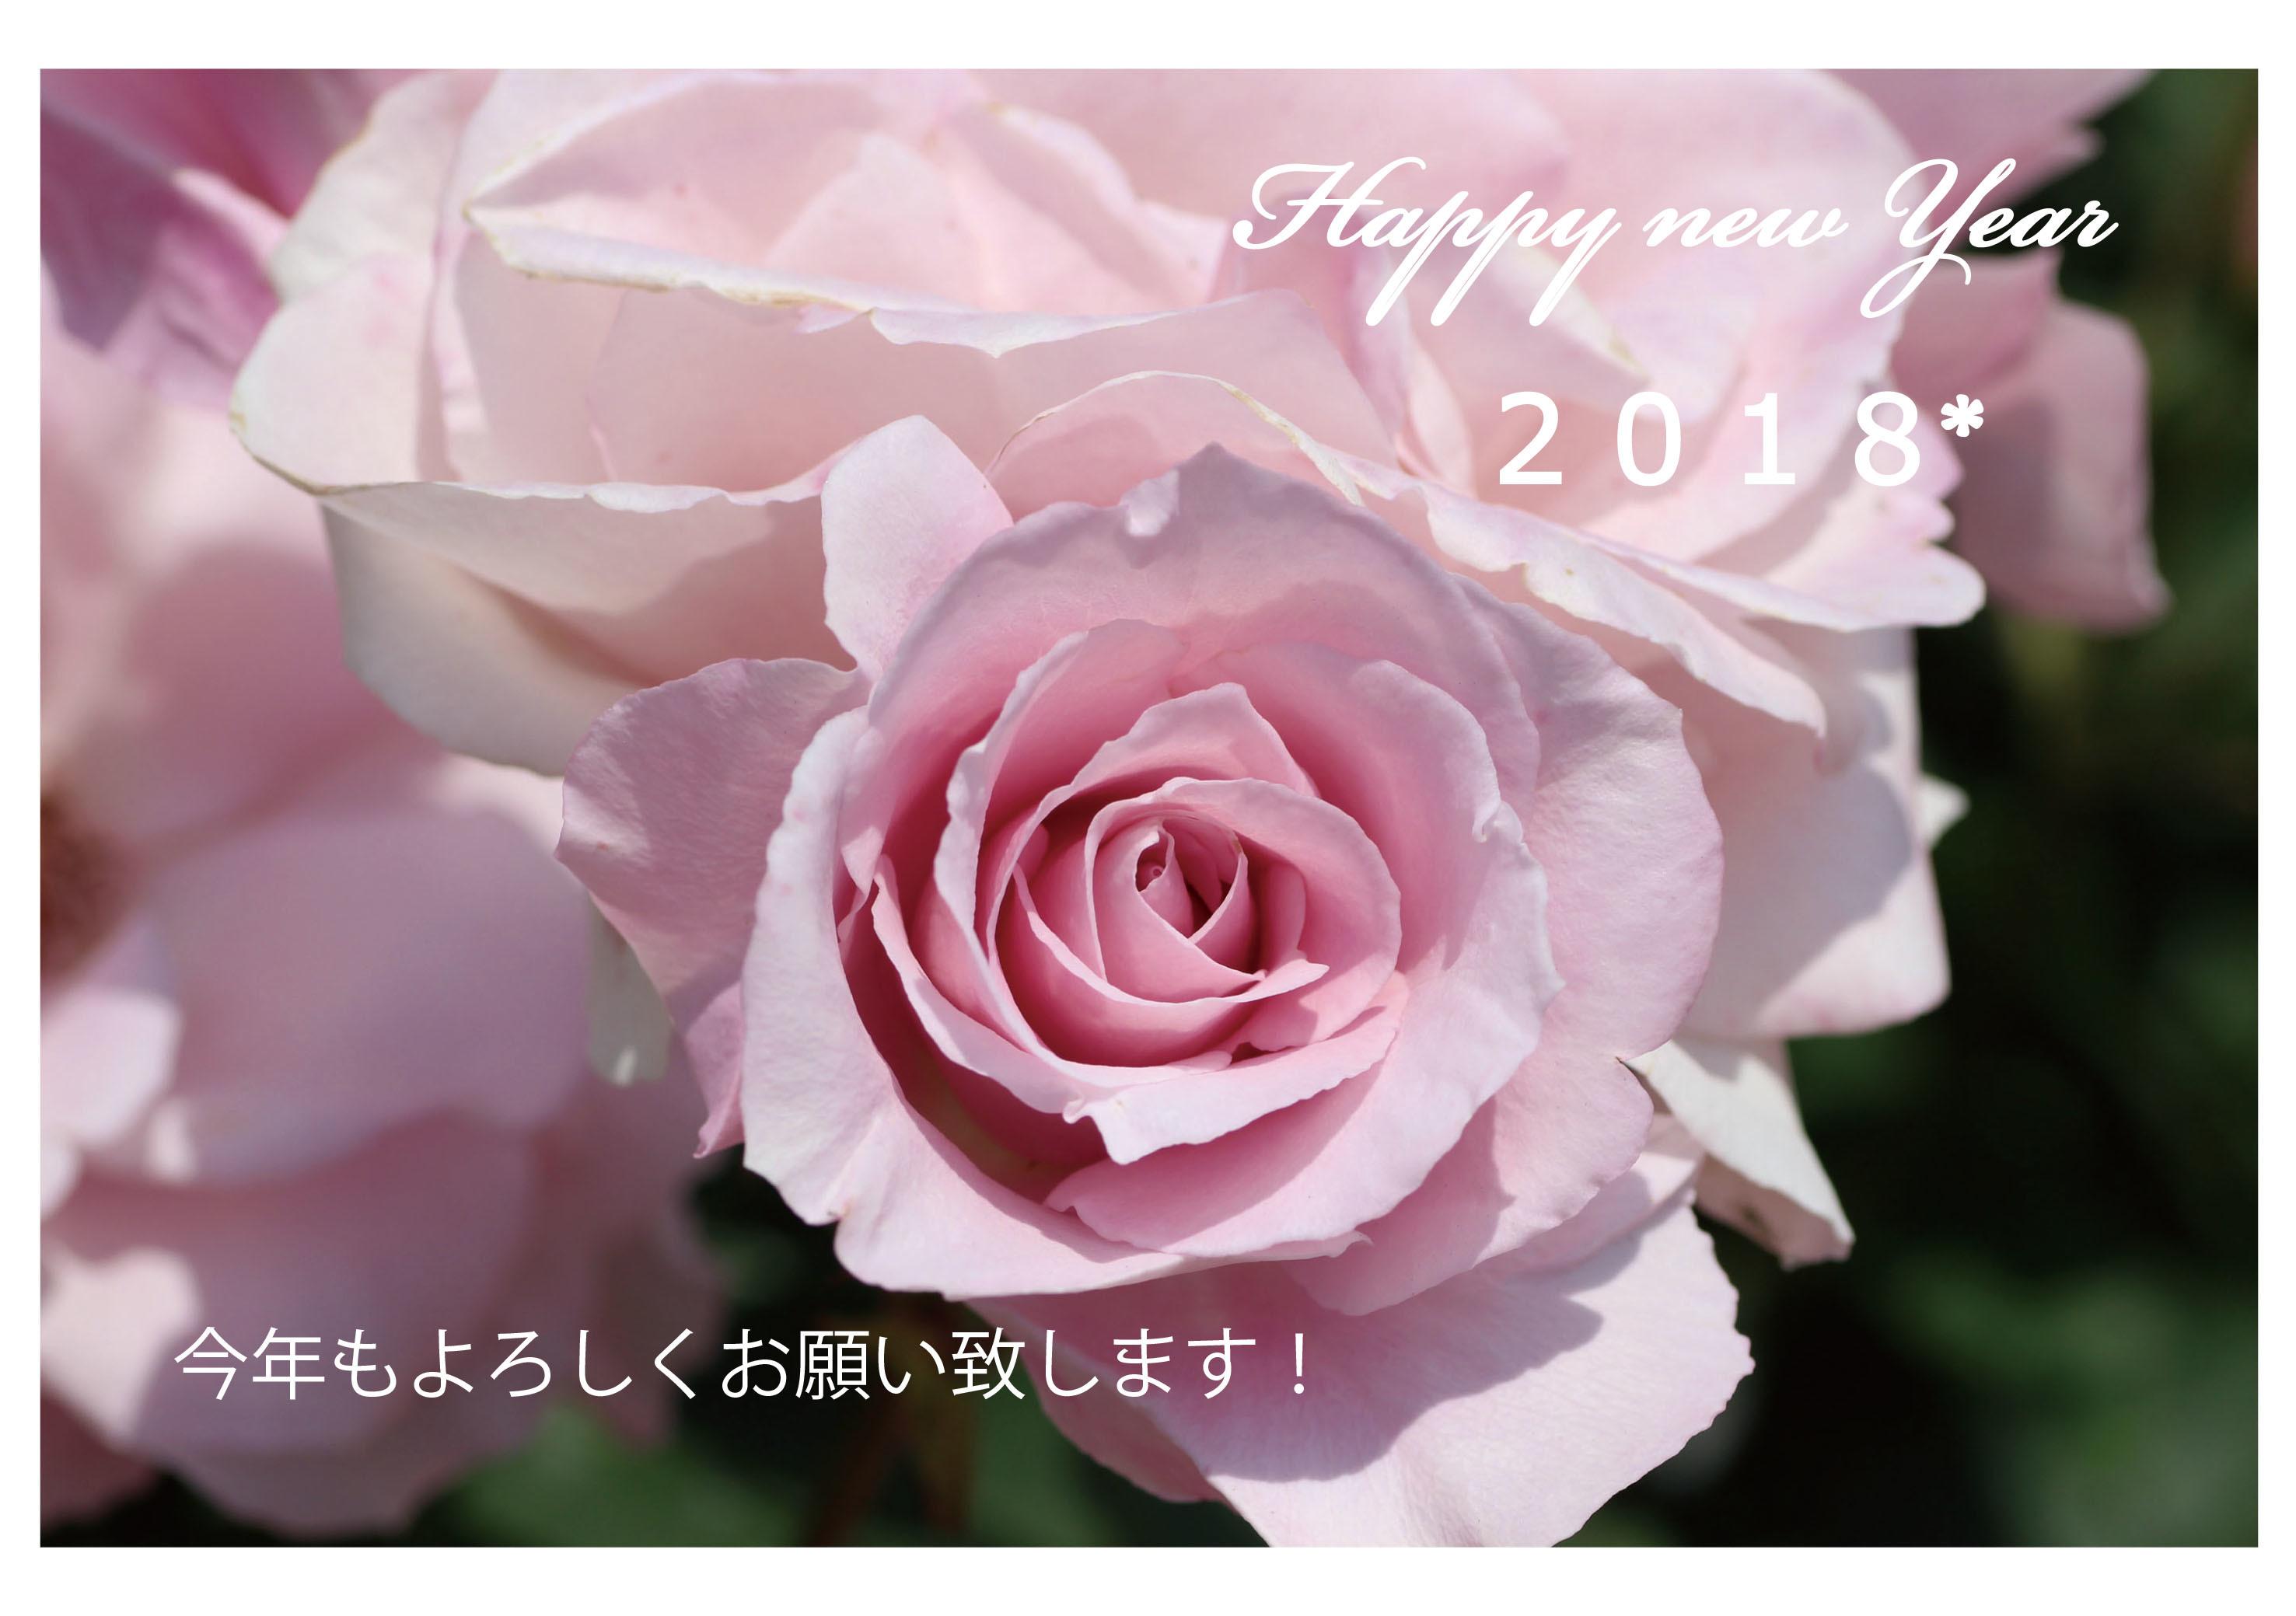 2018年新年ご挨拶